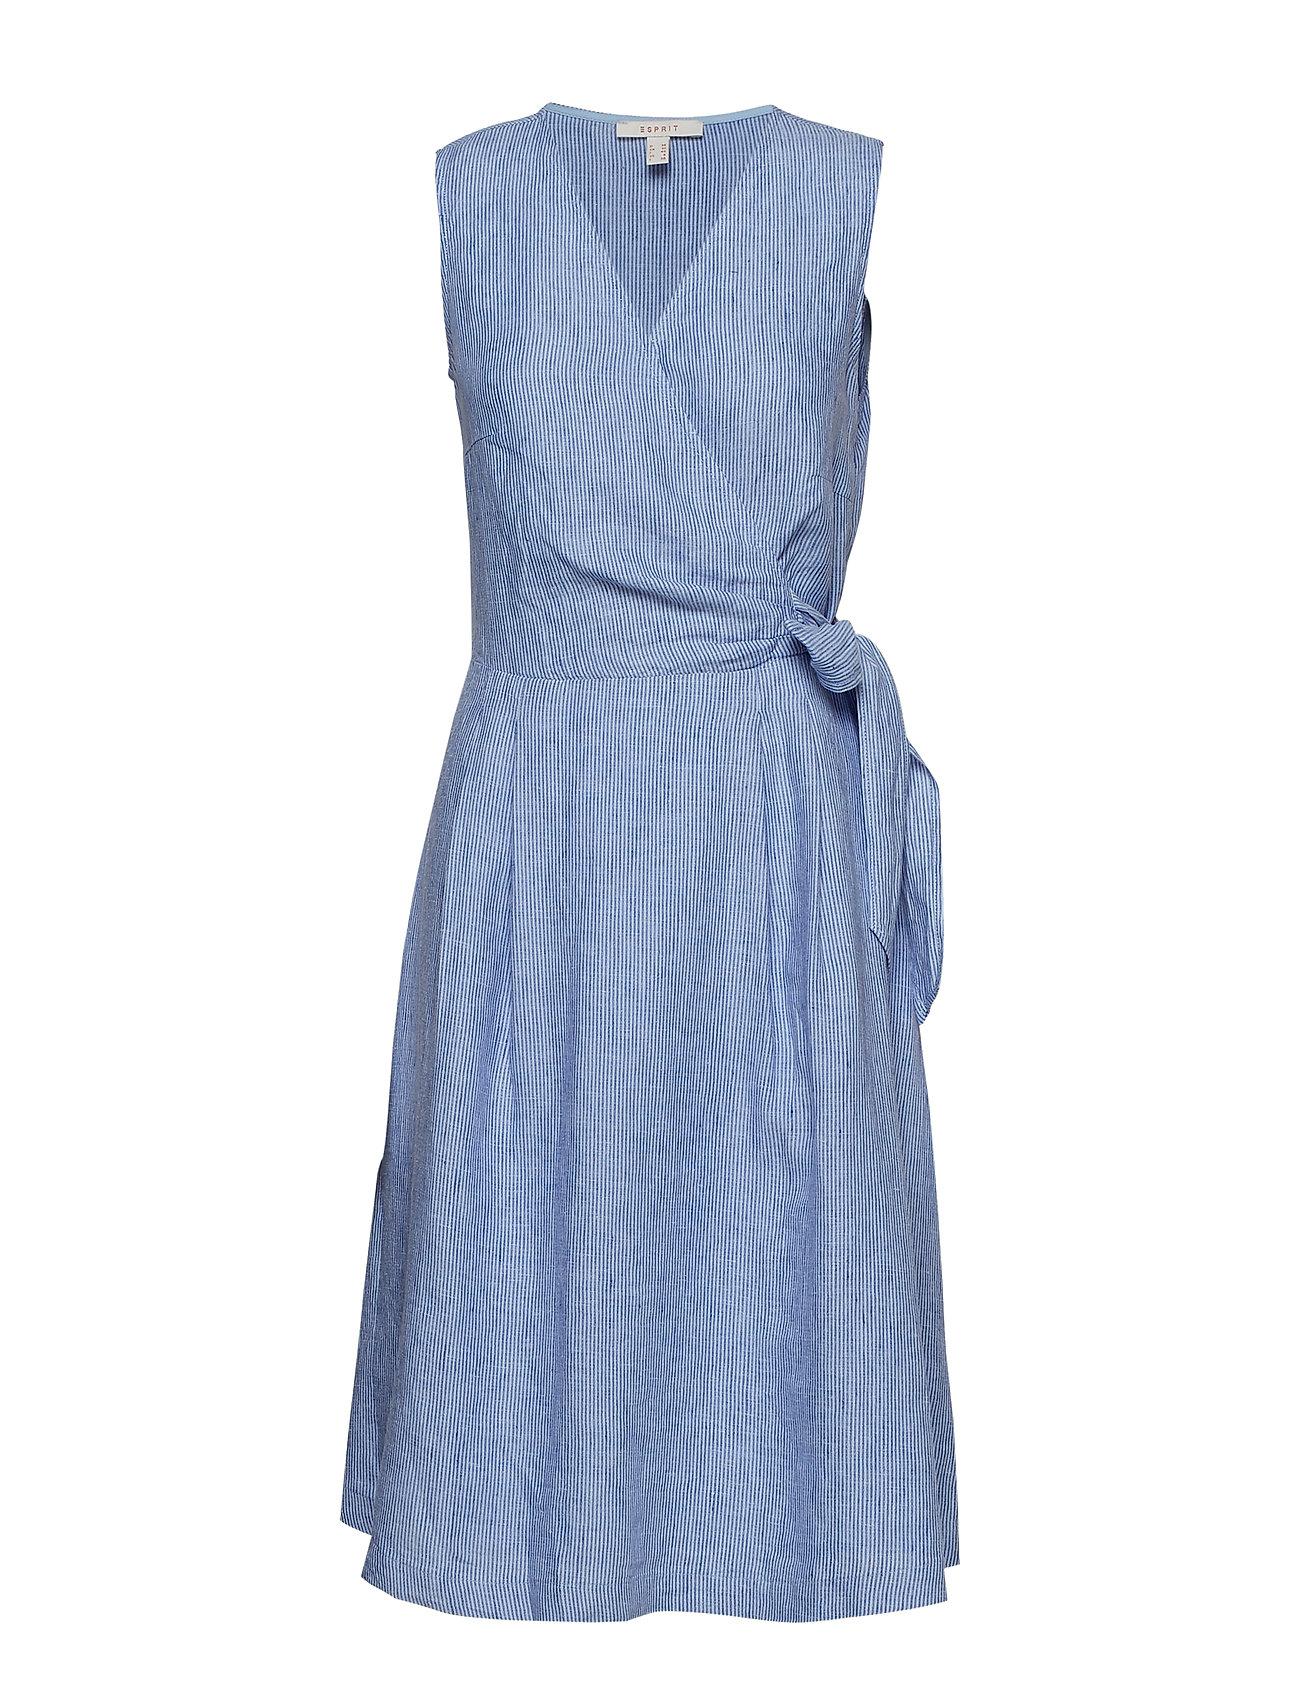 e409c50a Dresses Light Woven midikjoler fra Esprit til dame i BRIGHT BLUE ...